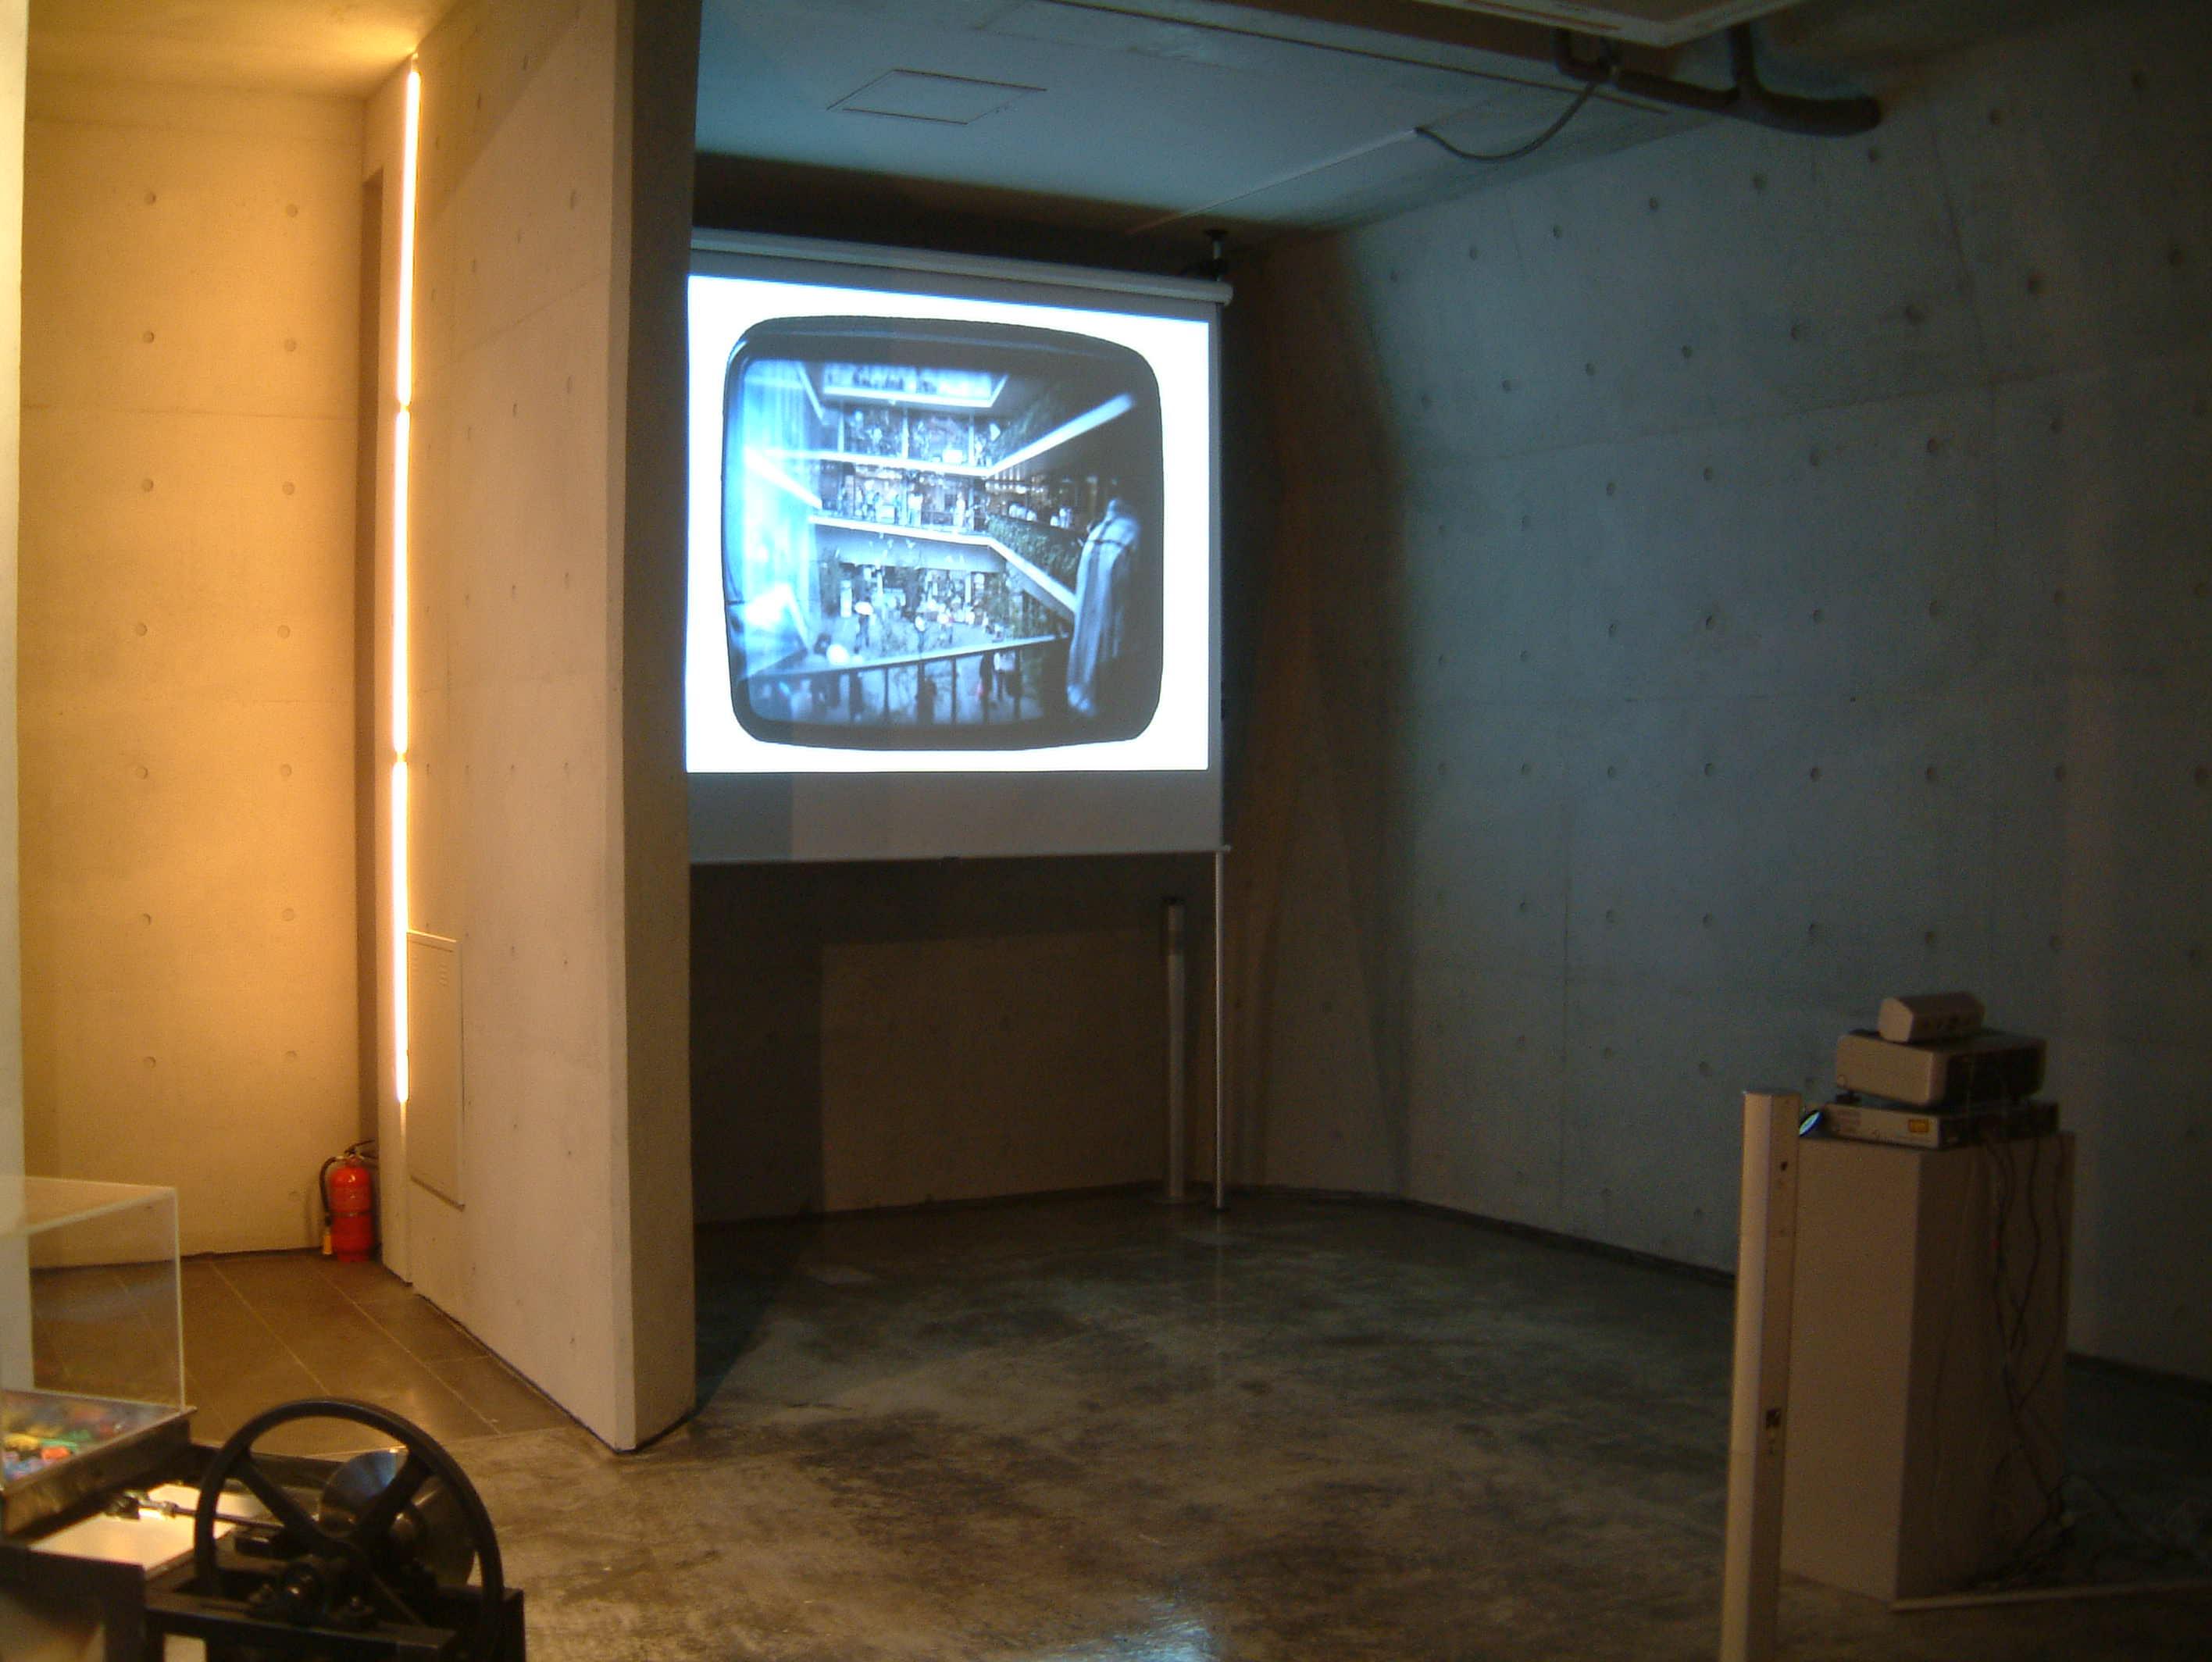 The Power of Hangul – Hangul Dada 2005